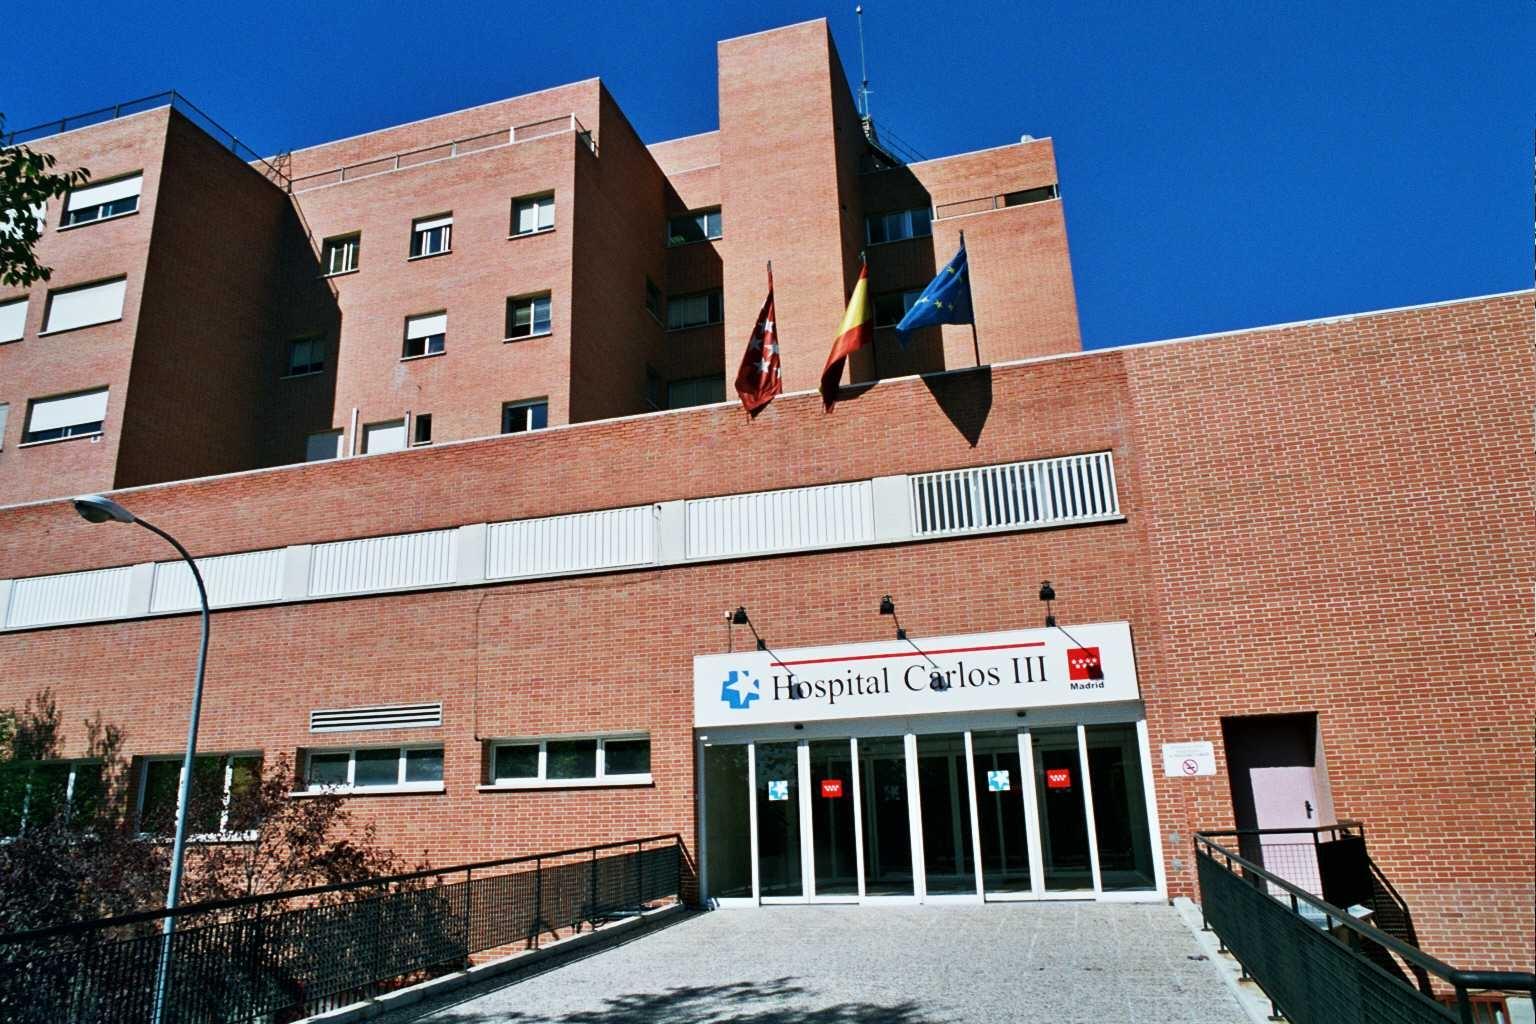 La enfermera contagiada por fiebre hemorrágica Crimea-Congo recibe el alta hospitalaria